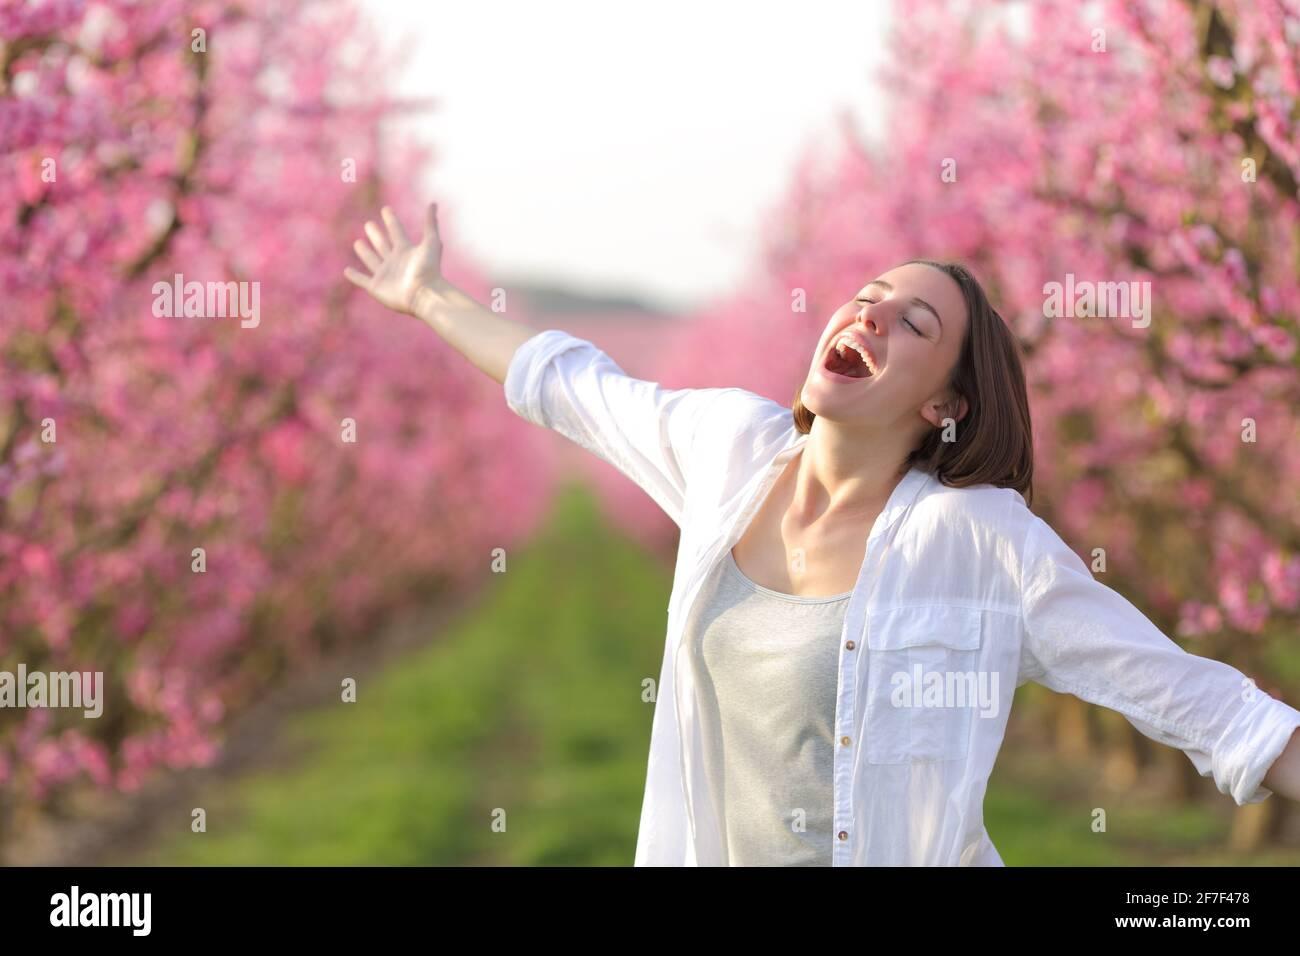 Femme excitée s'étirant les bras célébrant le printemps et les vacances dans un champ fleuri rose Banque D'Images